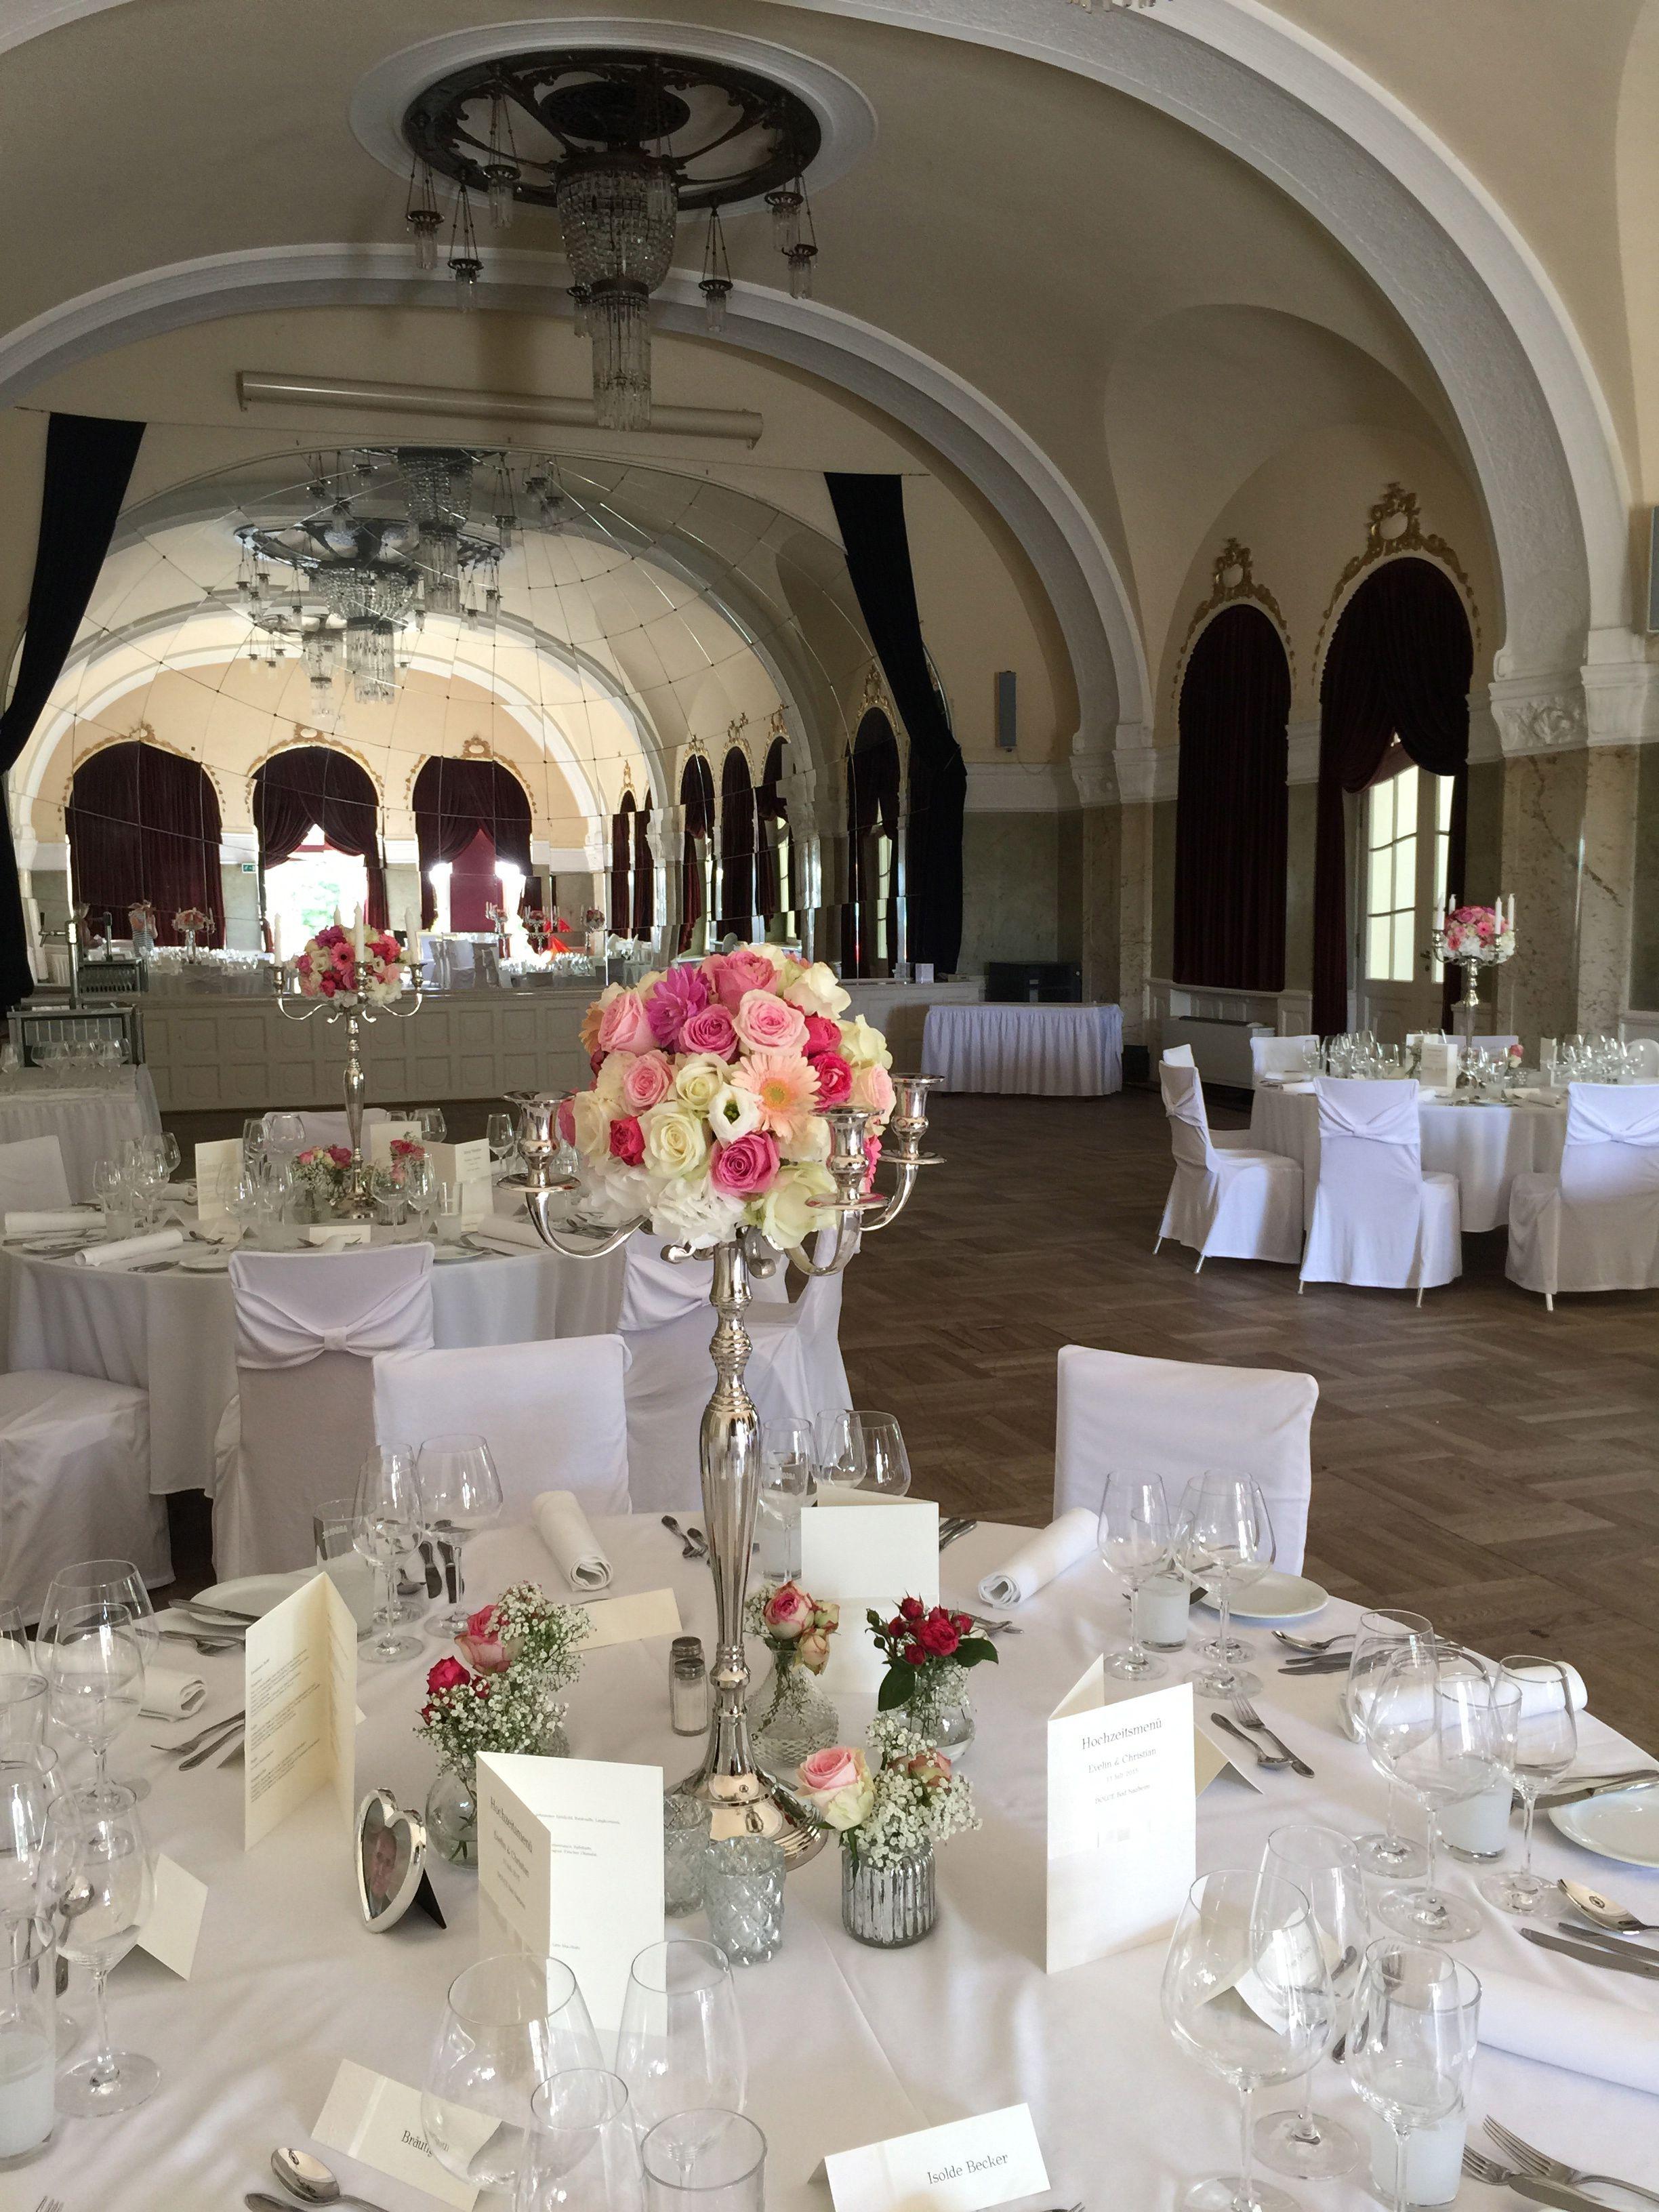 Hochzeitsdekoration mit blumenkugel am silberleuchter Hochzeitsdekoration